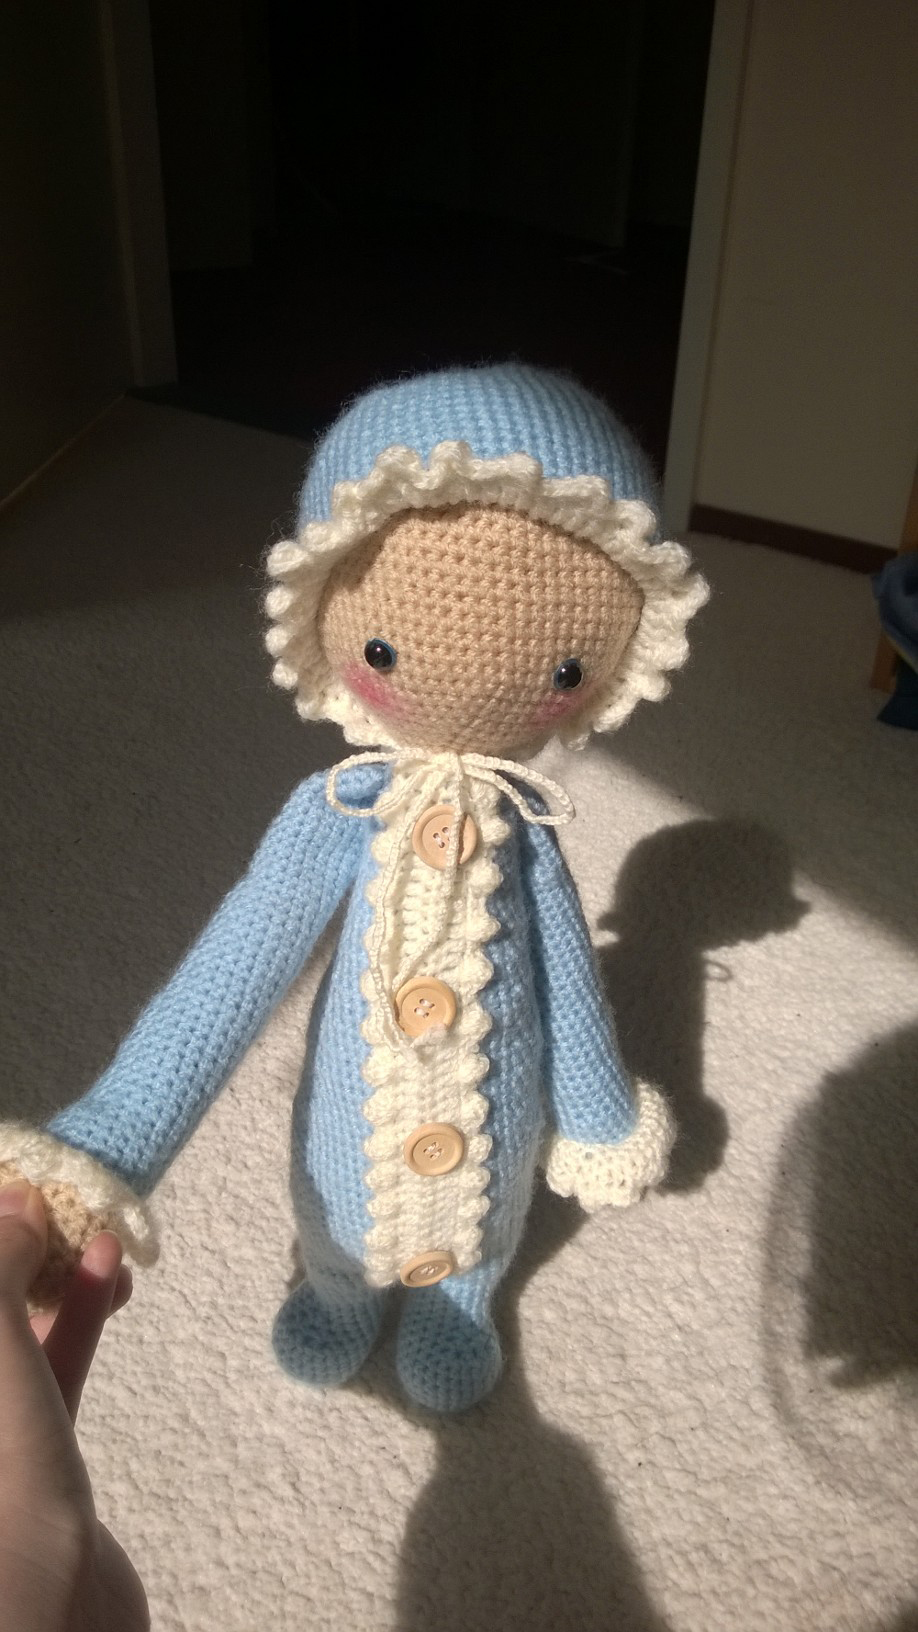 Boo Bear Pattern | Crochet doll tutorial, Crochet doll pattern ... | 1632x918